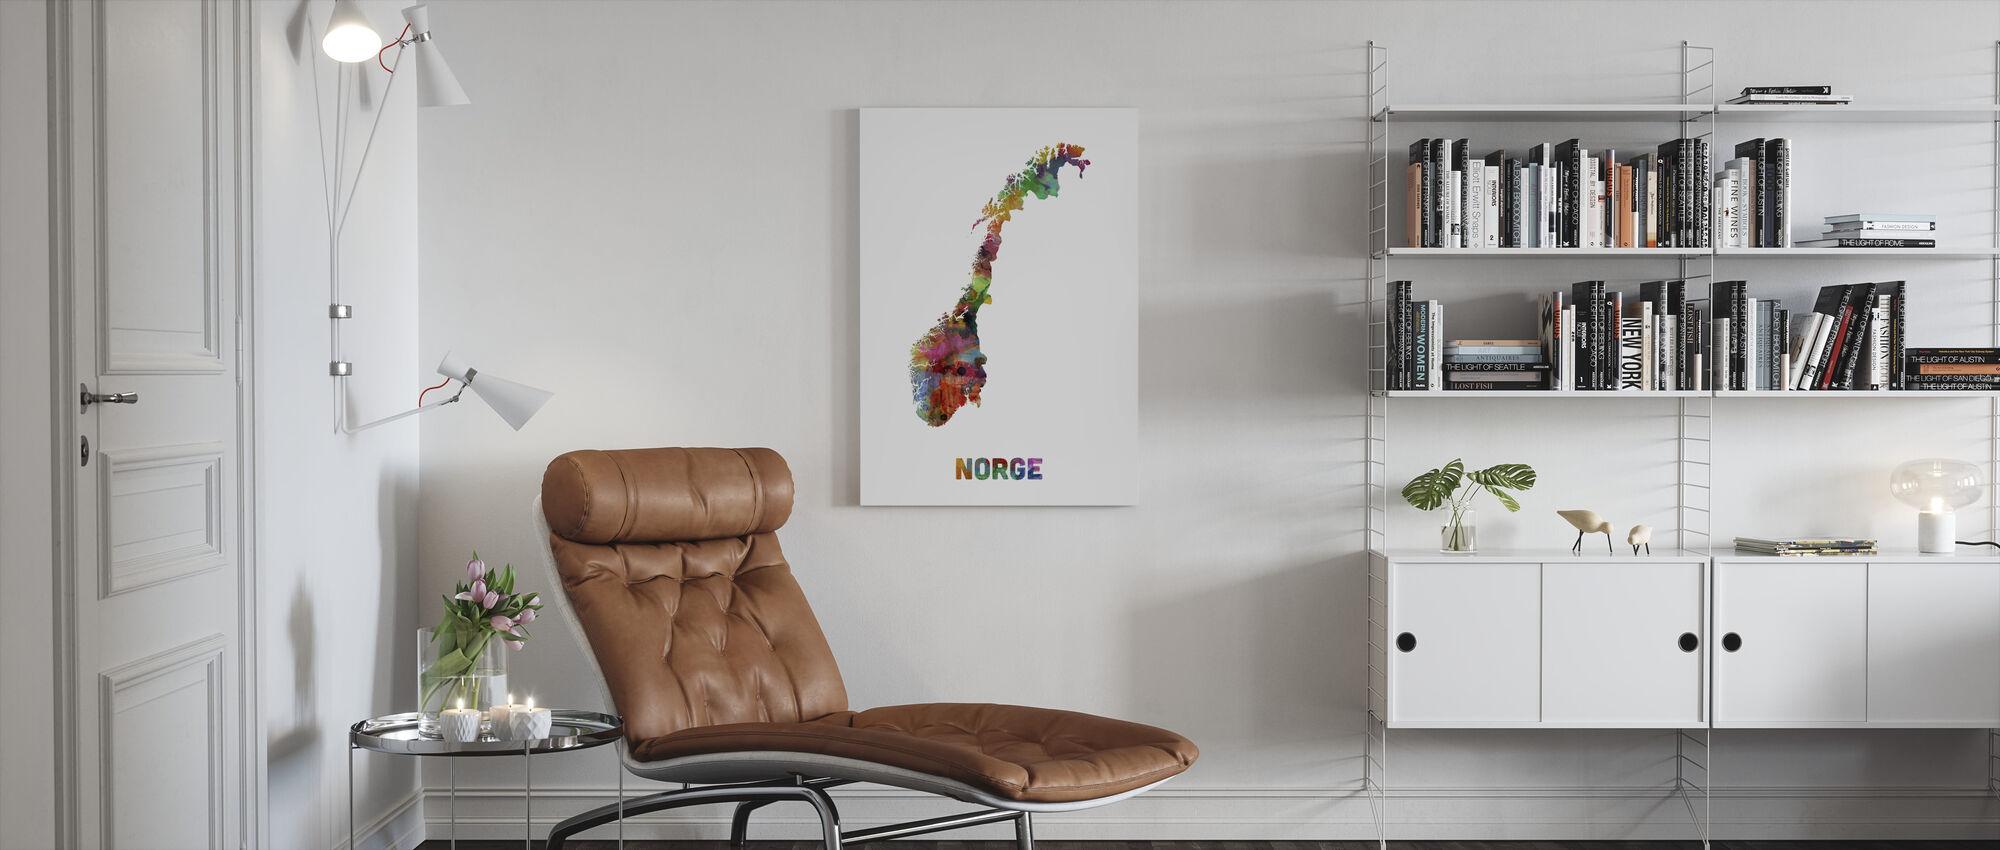 Norge Akvarell Kort - Lerretsbilde - Stue